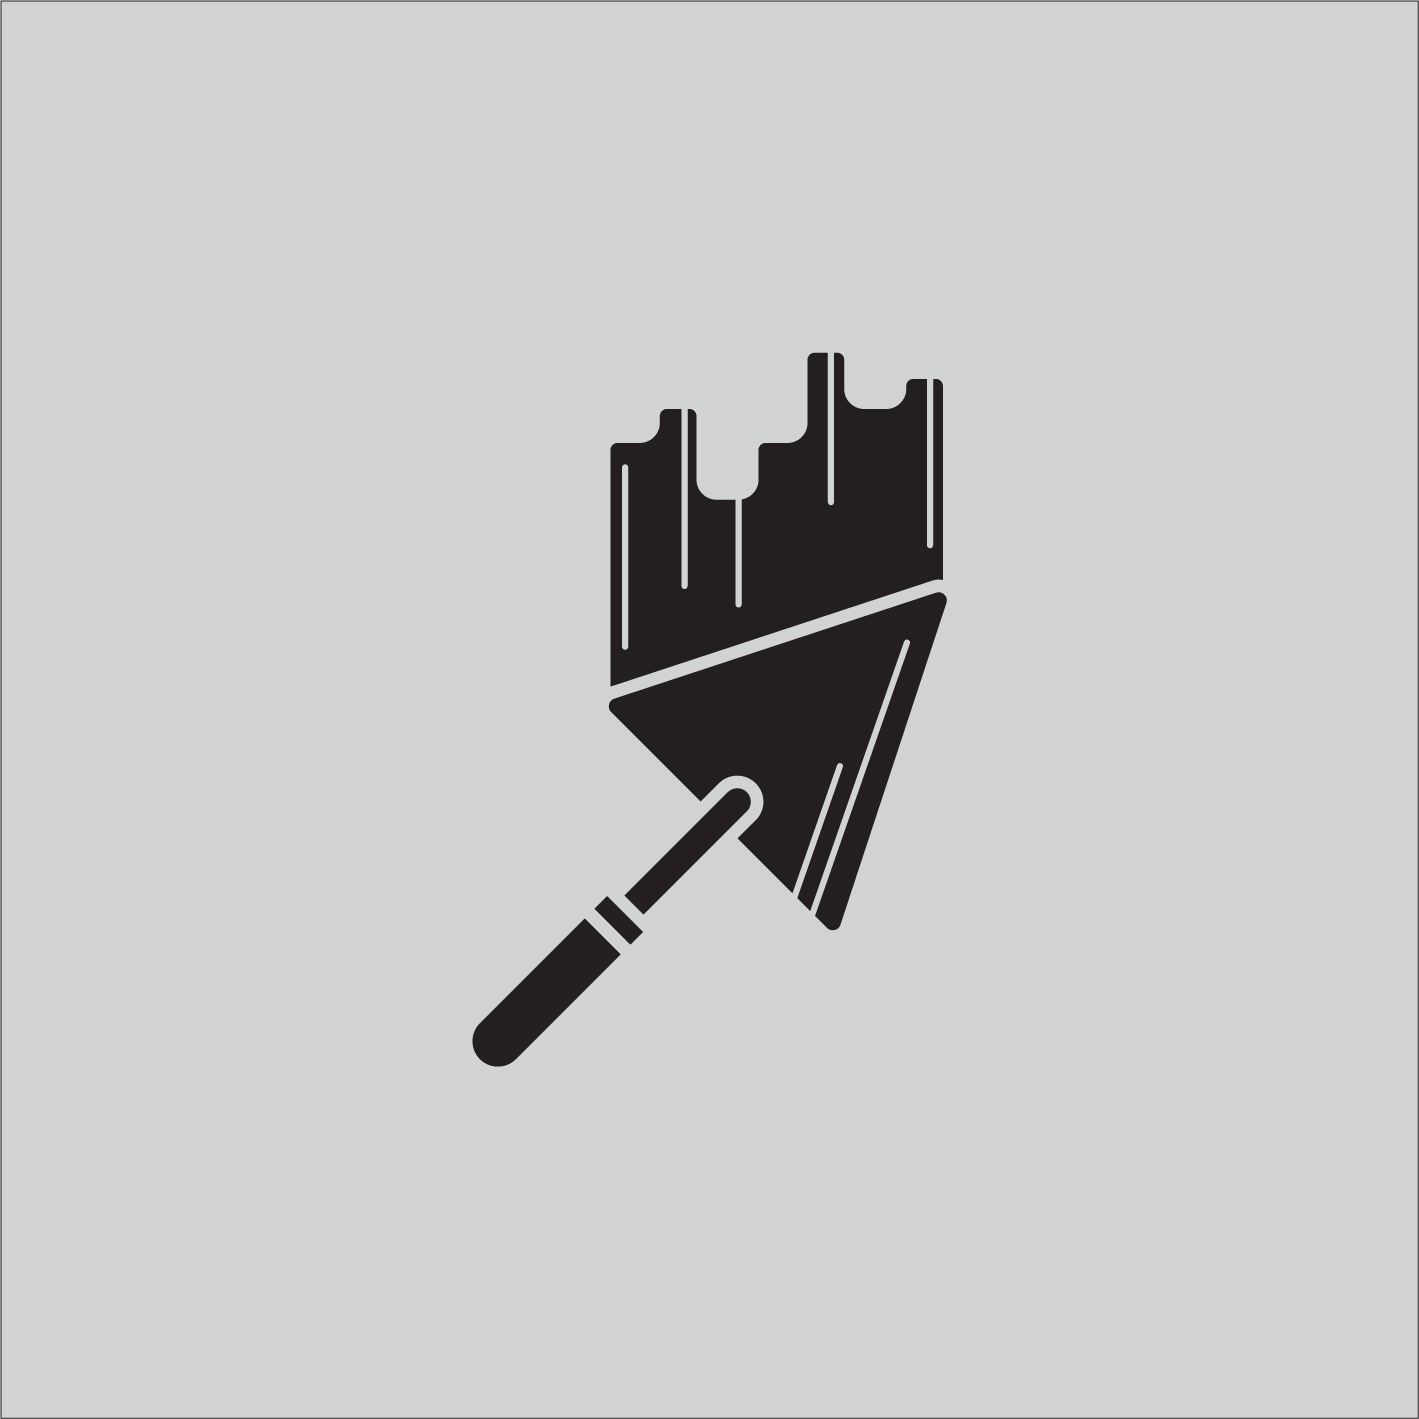 Fábrica Blocos de Concreto - Concreto São Paulo